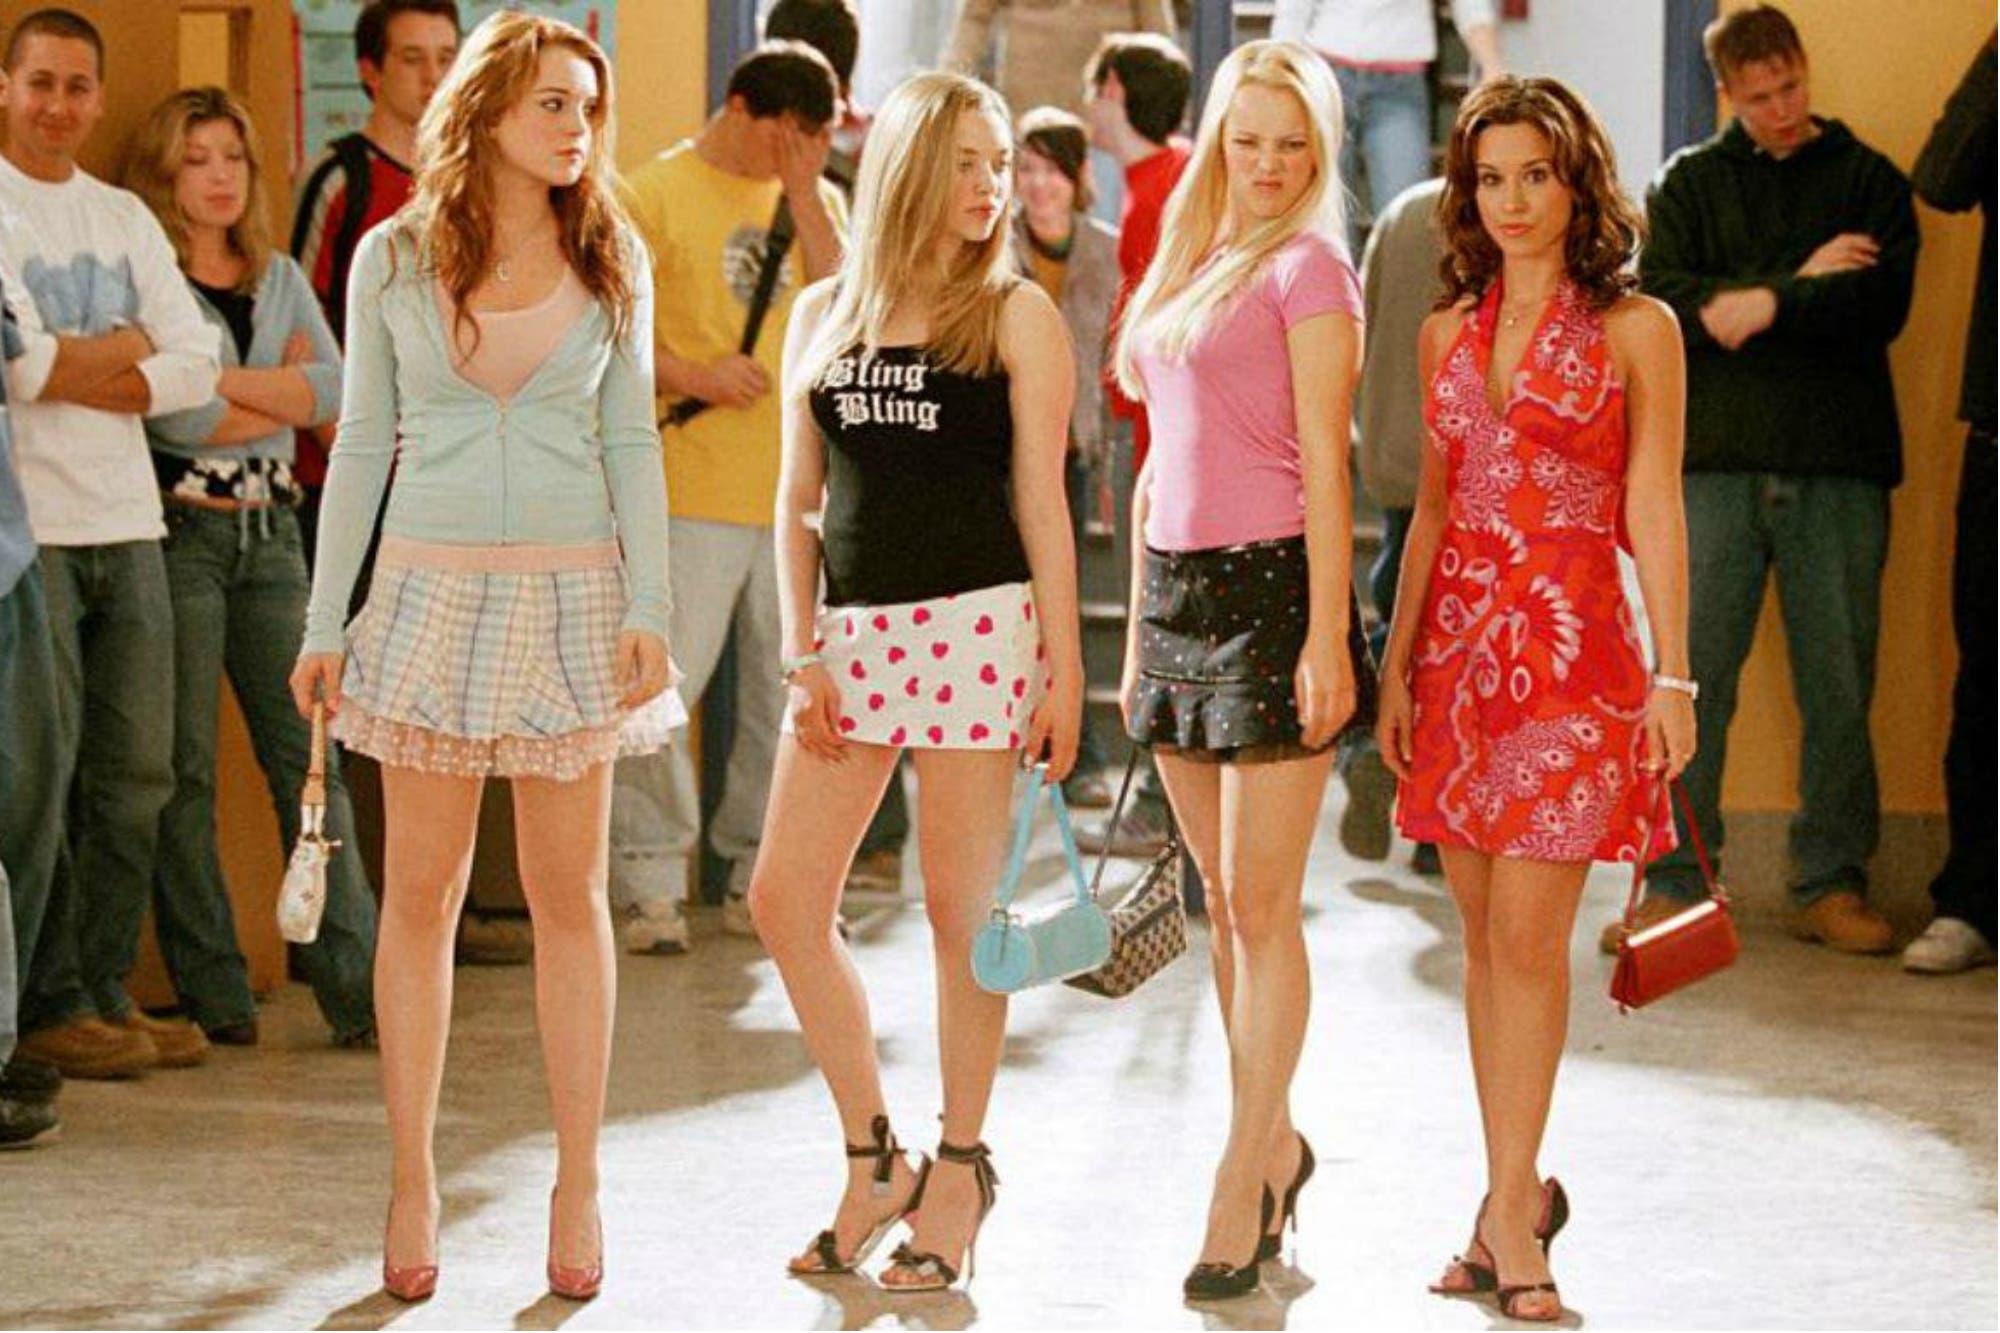 Vuelve Chicas pesadas al cine, esta vez como musical